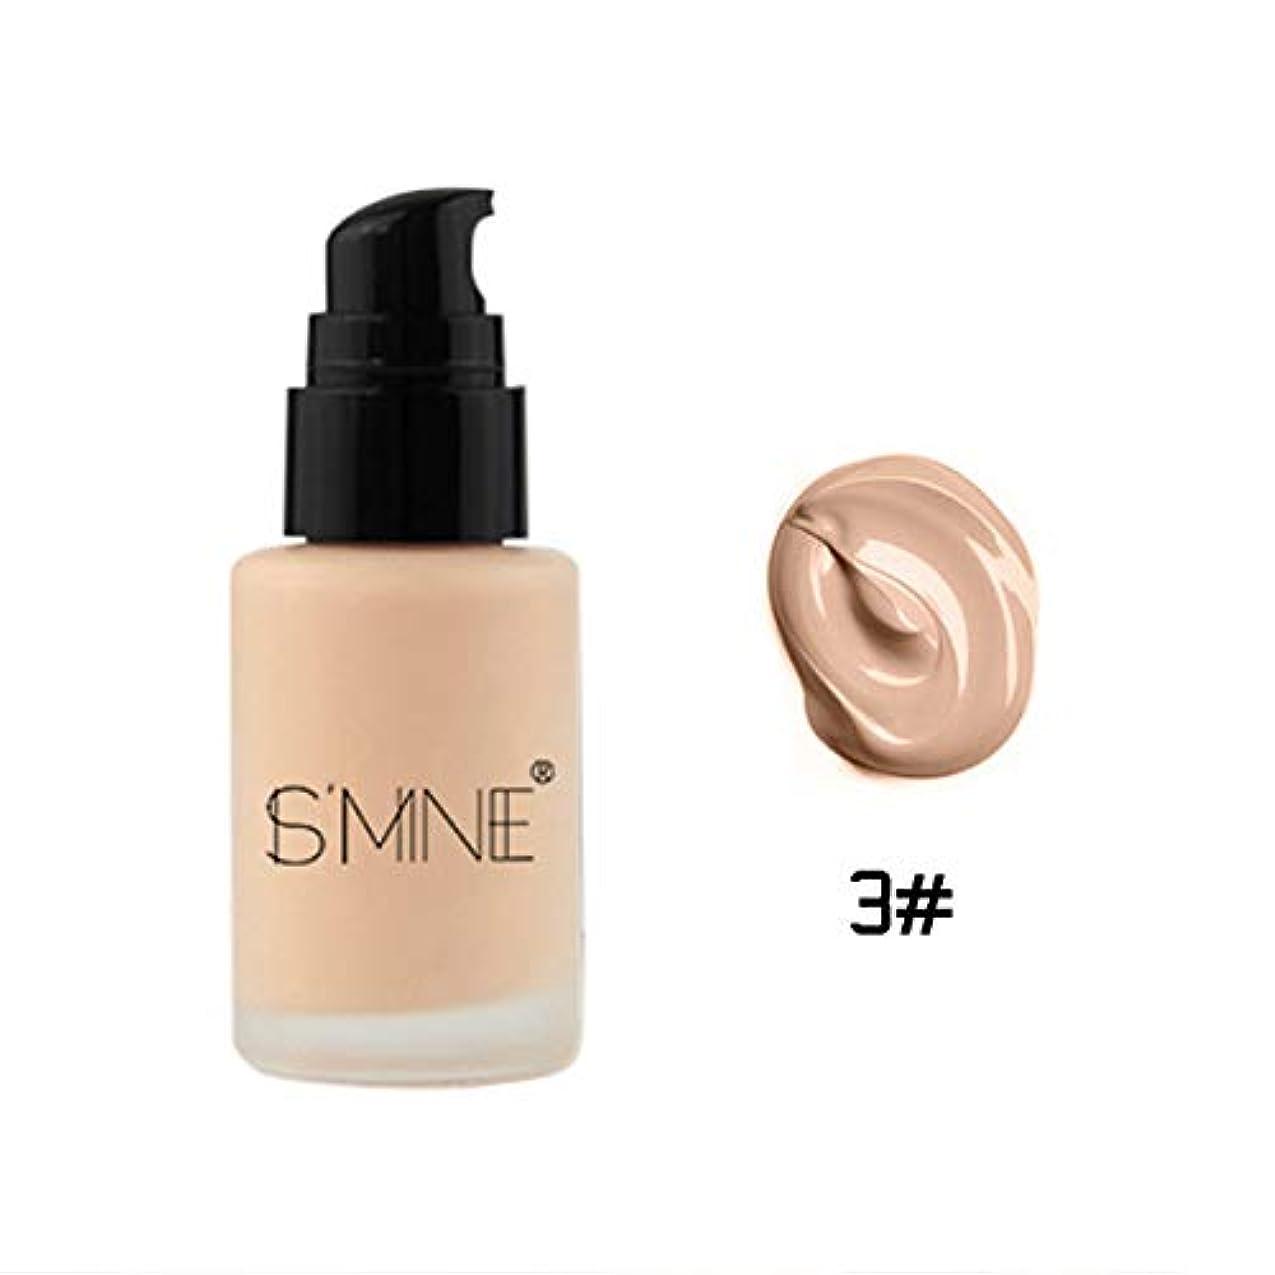 幻想的ワックスいつもSymboat BBクリーム 女性 フェイスコンシーラー 美白 保湿 防水 ロングラスティングメイクアップ 健康的な自然な肌色 素肌感 化粧品